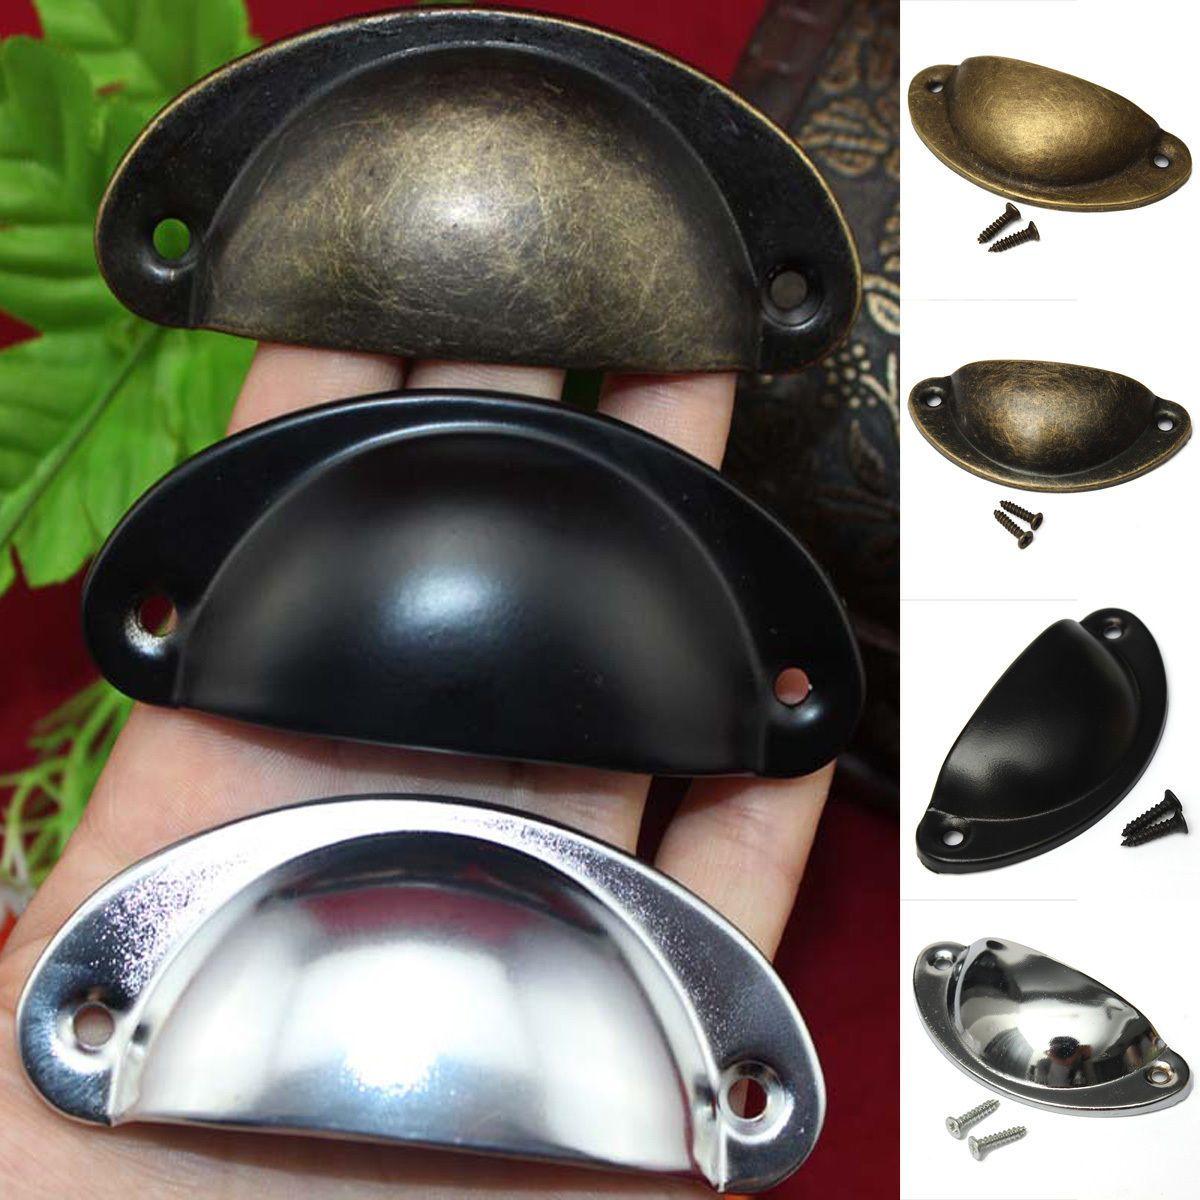 12pcs bouton porte tiroir poignee meuble coquille armoire for Poignees de porte de cuisine